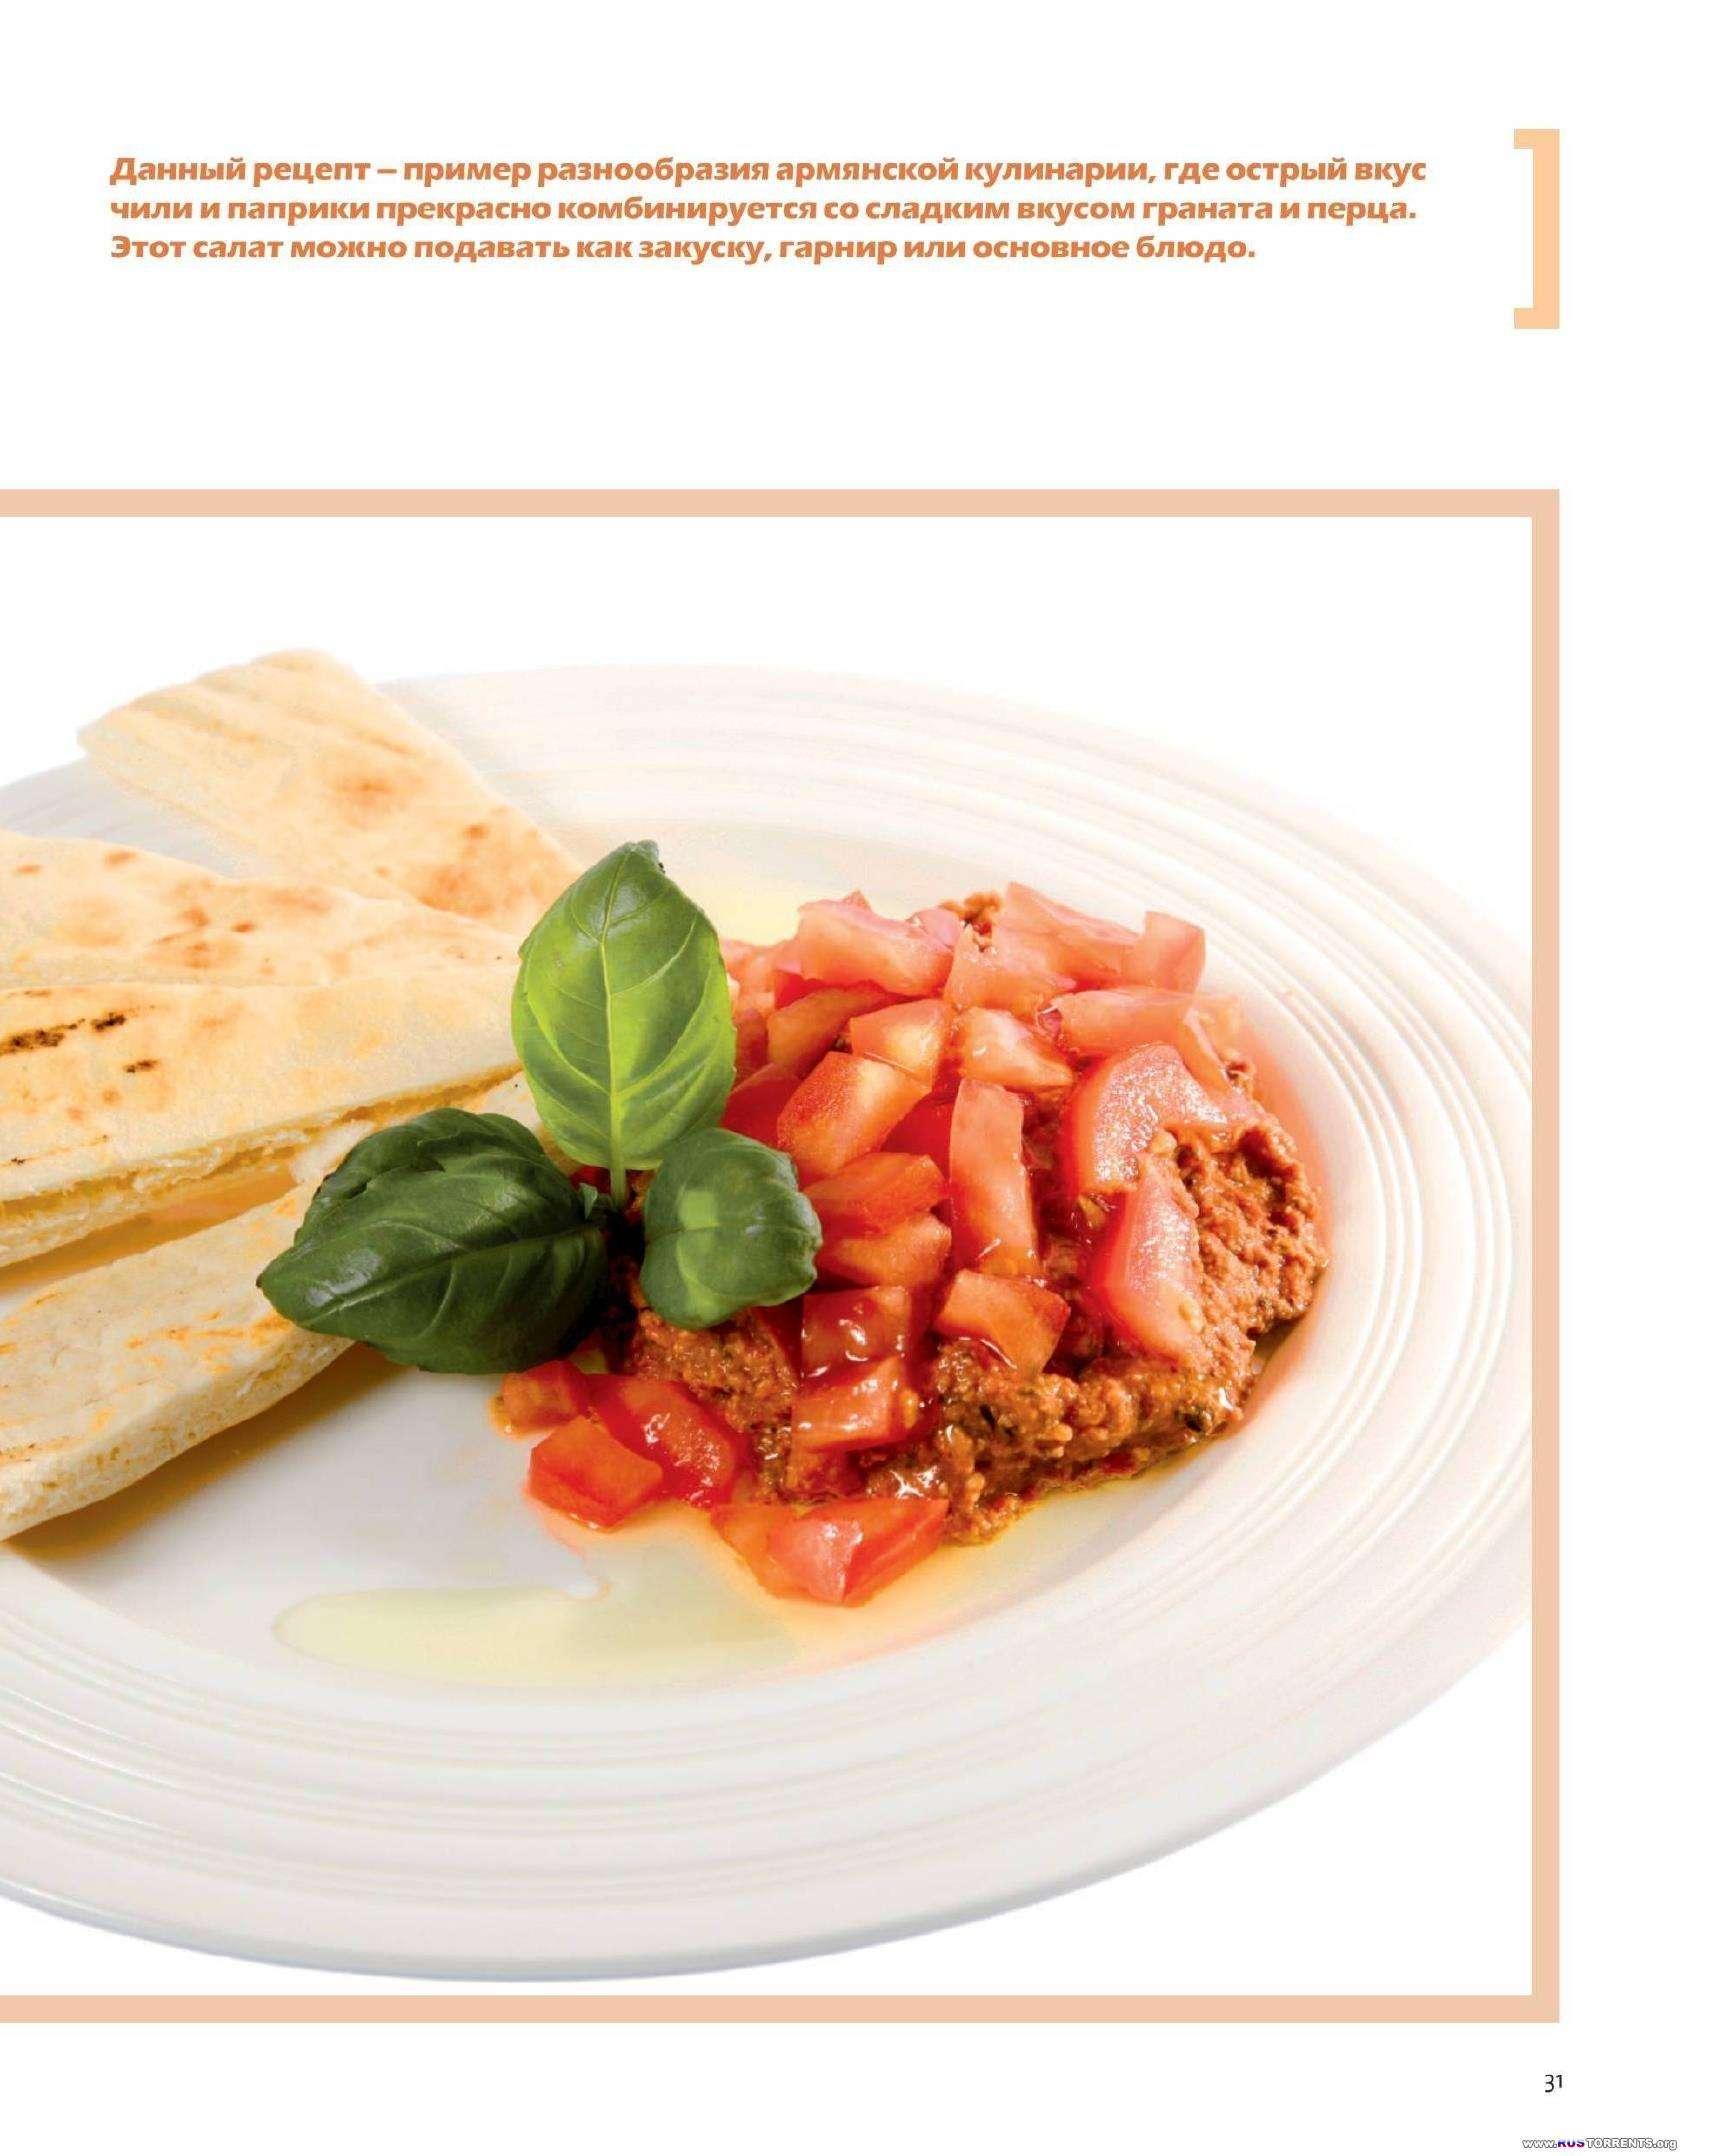 Армянская кухня шаг за шагом | PDF